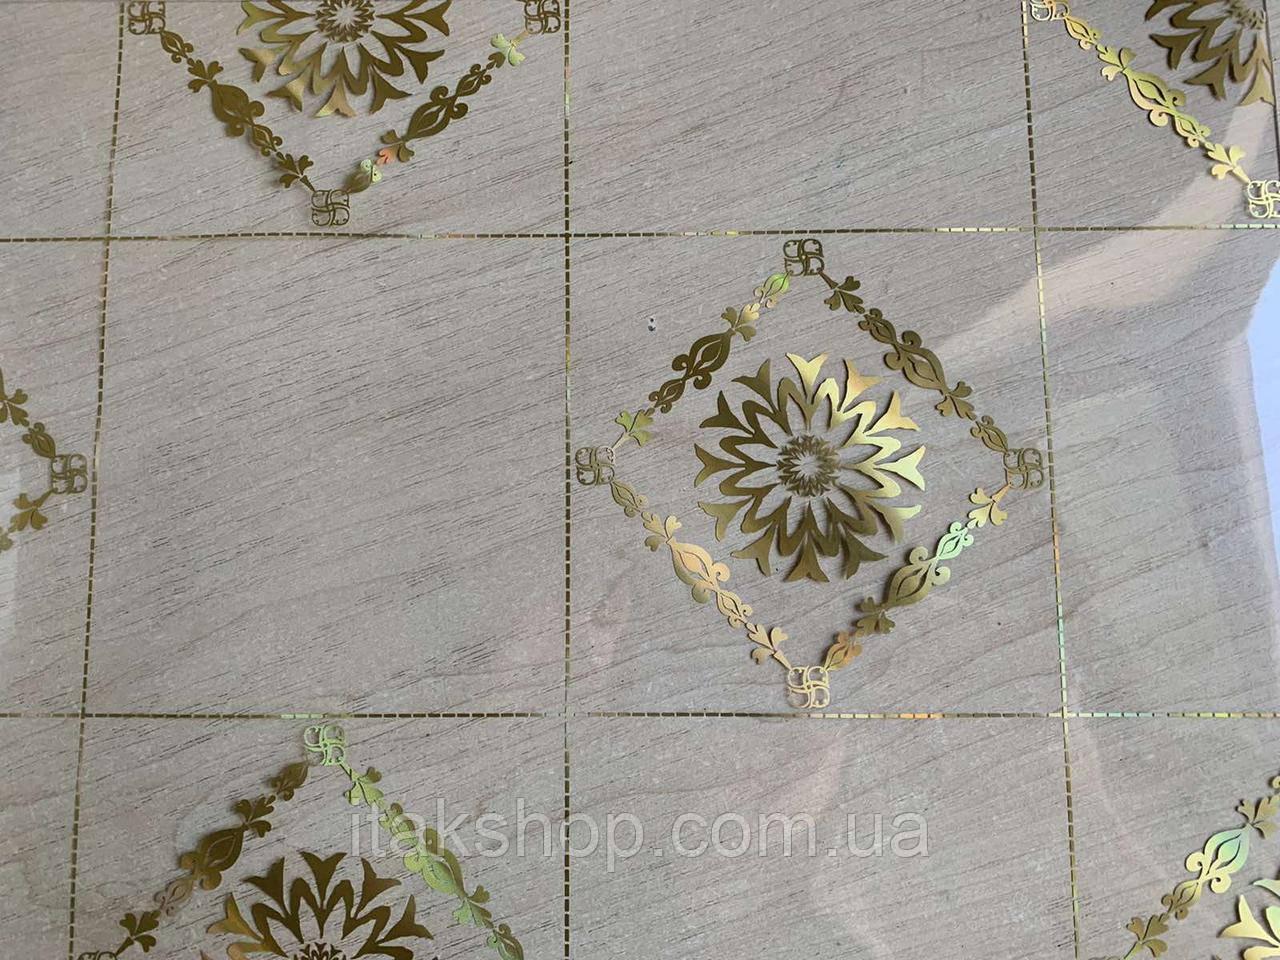 Мягкое стекло Скатерть с лазерным рисунком для мебели Soft Glass 2.1х0.8м толщина 1.5мм Золотистая клетка